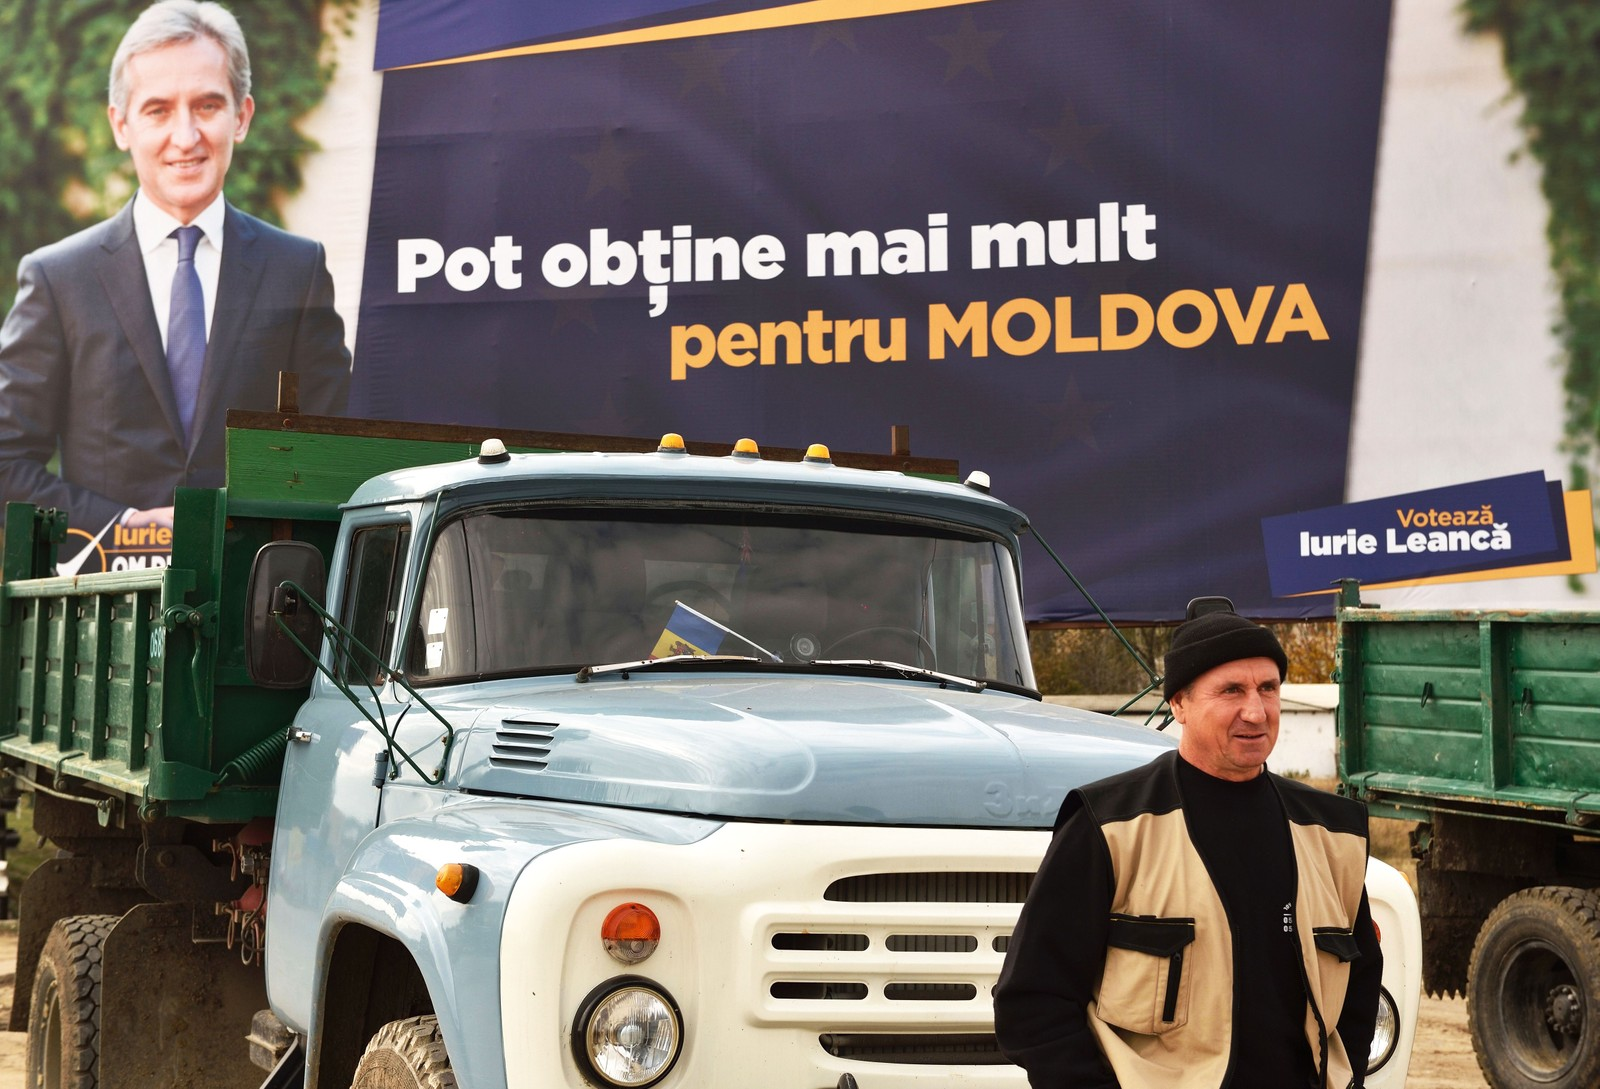 Arbeidsløsheten er høy på landsbygda i Moldova. En mann står og venter på arbeid i Hancesti, mens presidentkandidat Iurie Leanca smiler på en plakat i bakgrunnen.